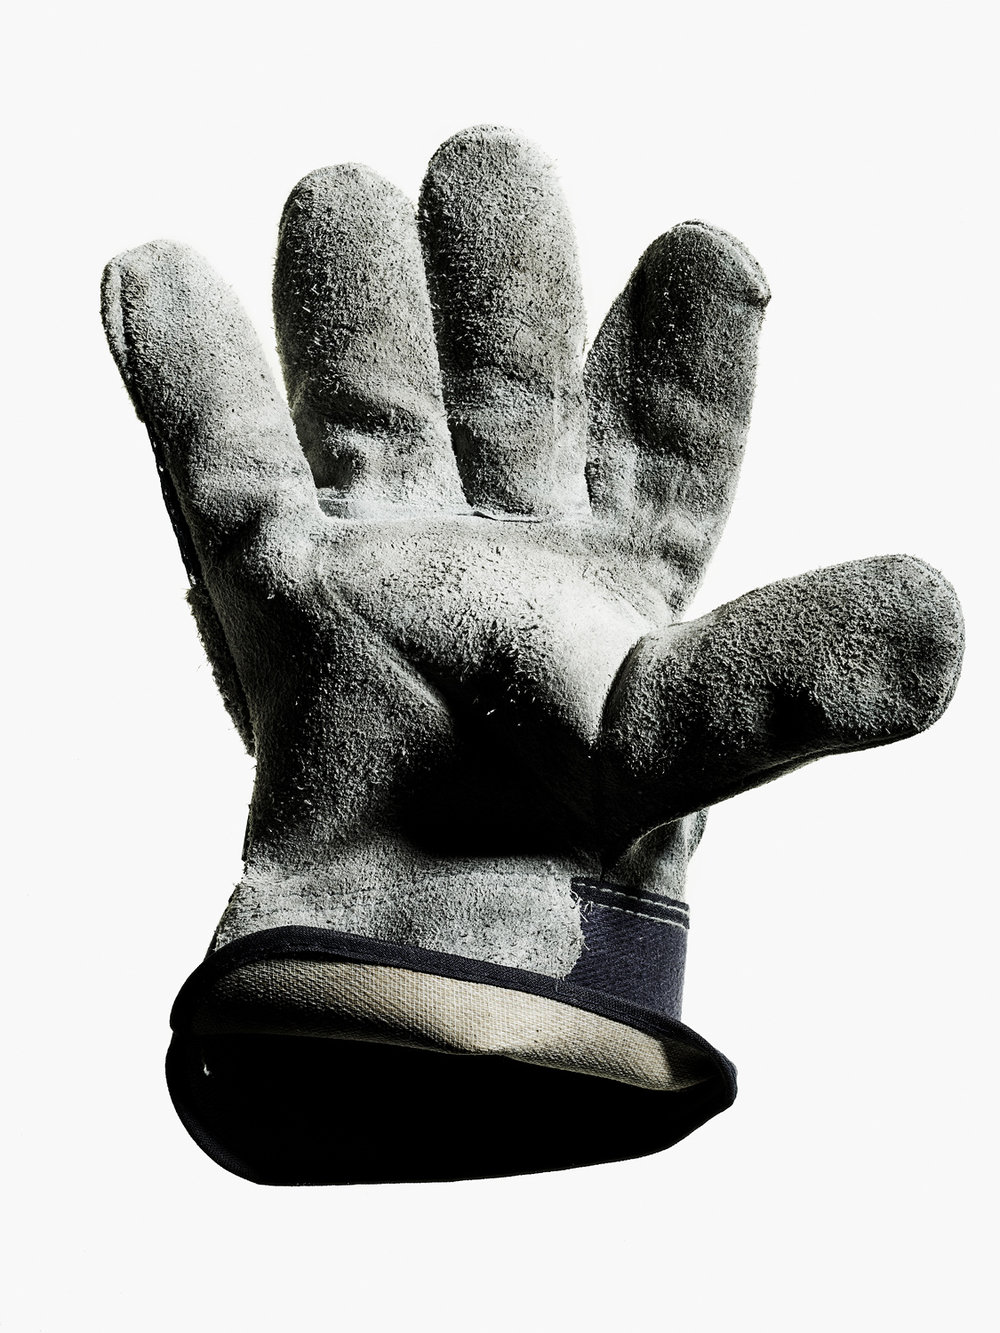 20171201 Gloves-112665.jpg